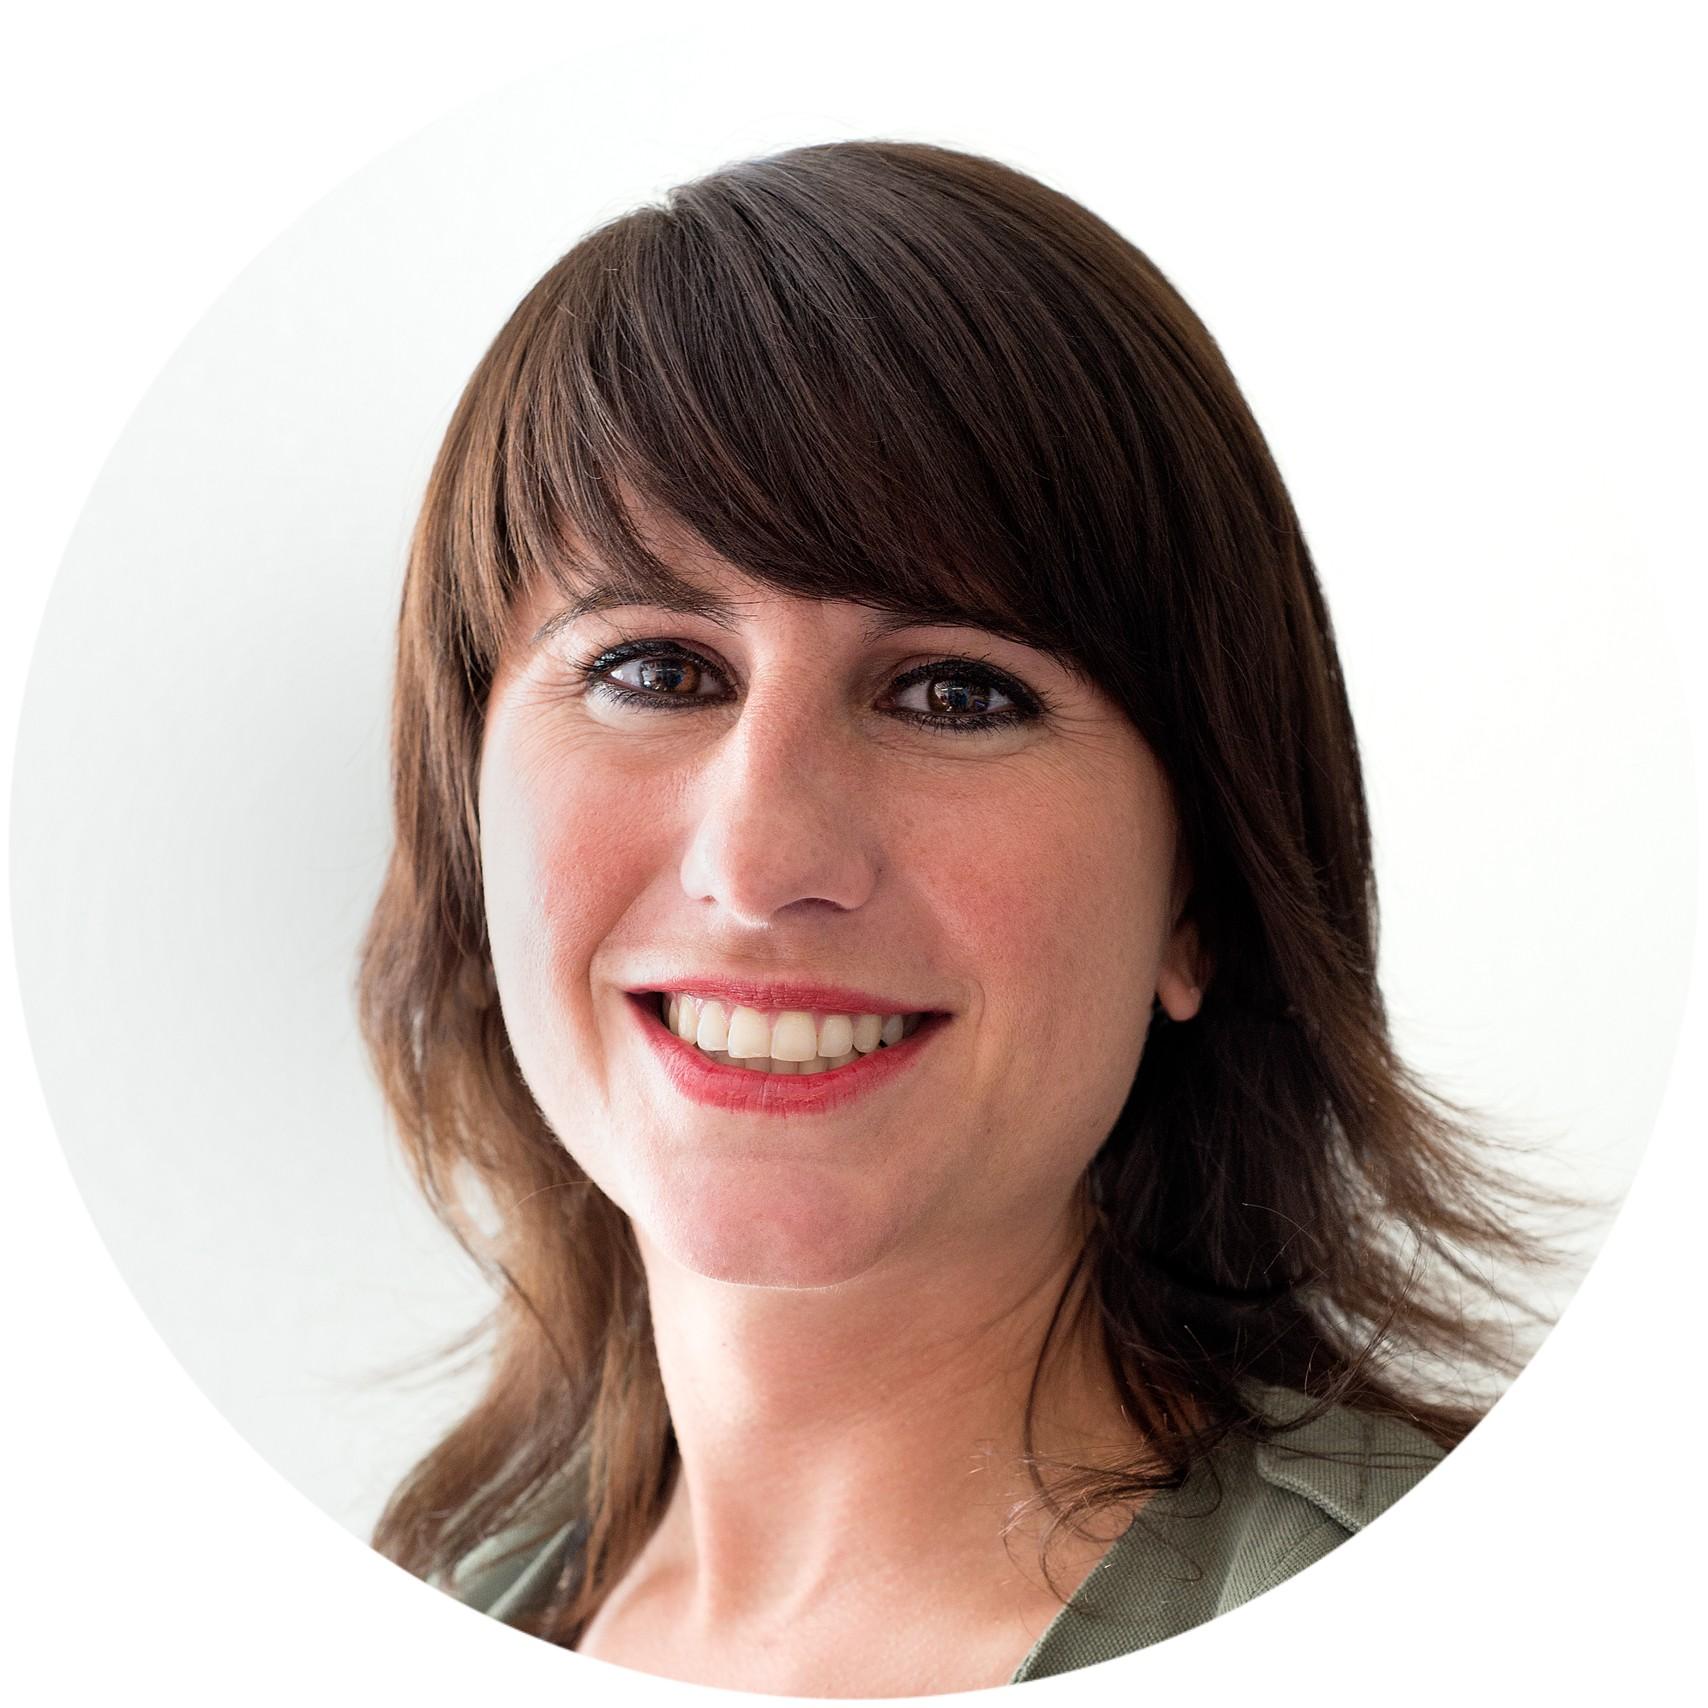 Sarah Munoz Grootveld